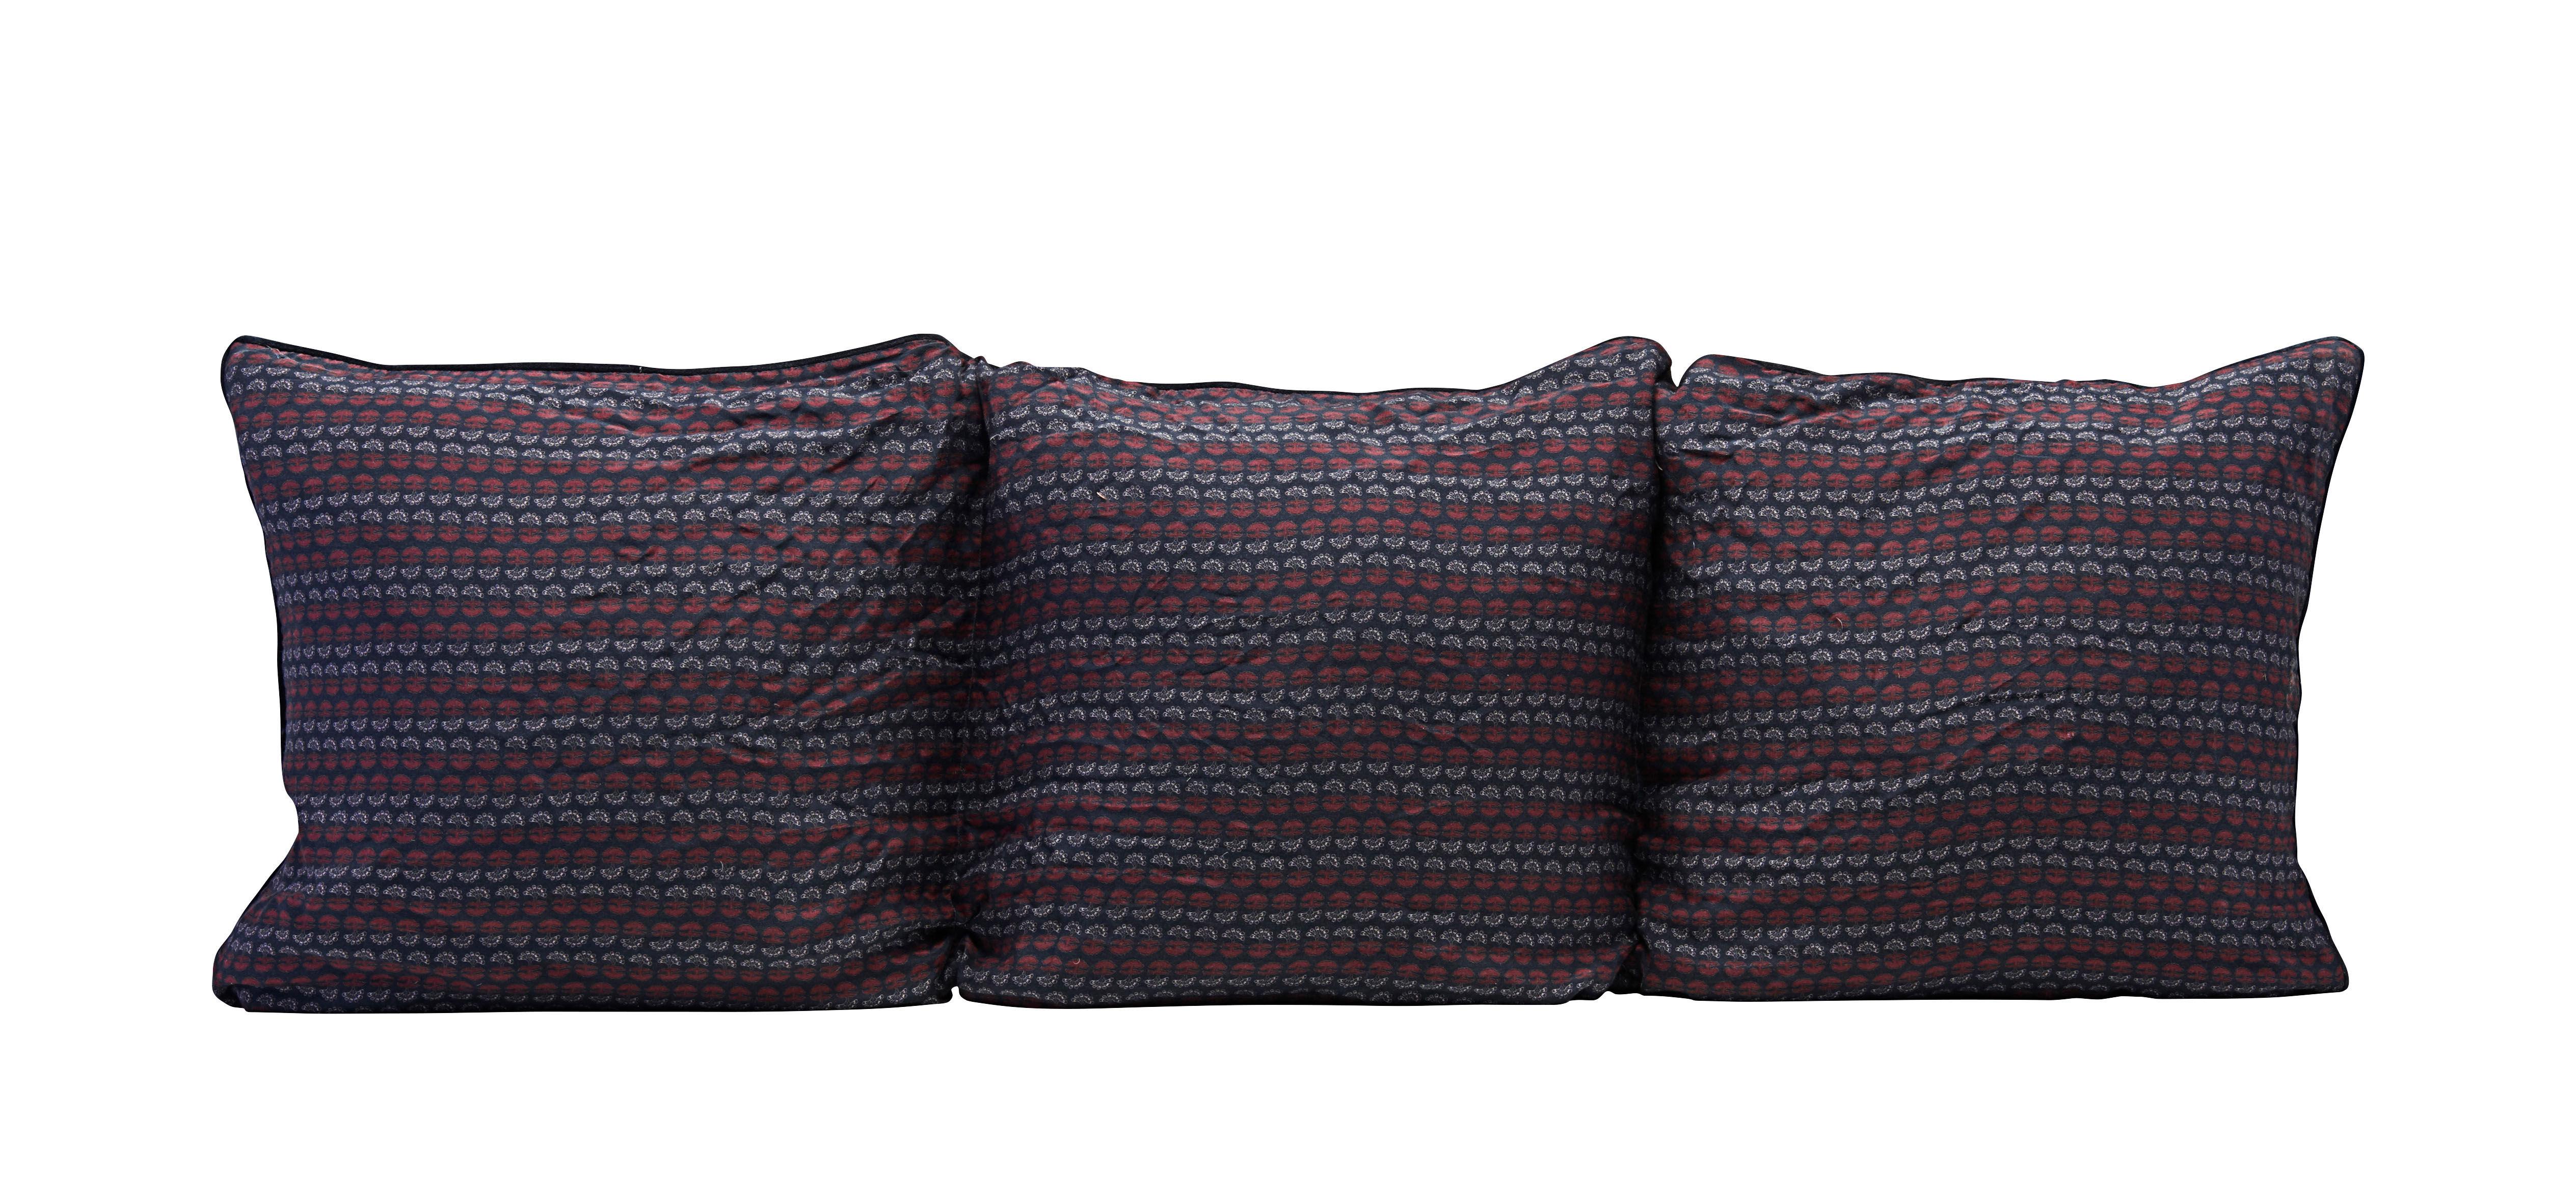 Mobilier - Compléments d'ameublement - Matelas Valentina / 150 x 50 cm - House Doctor - Bleu & rouge - Coton, Viscose